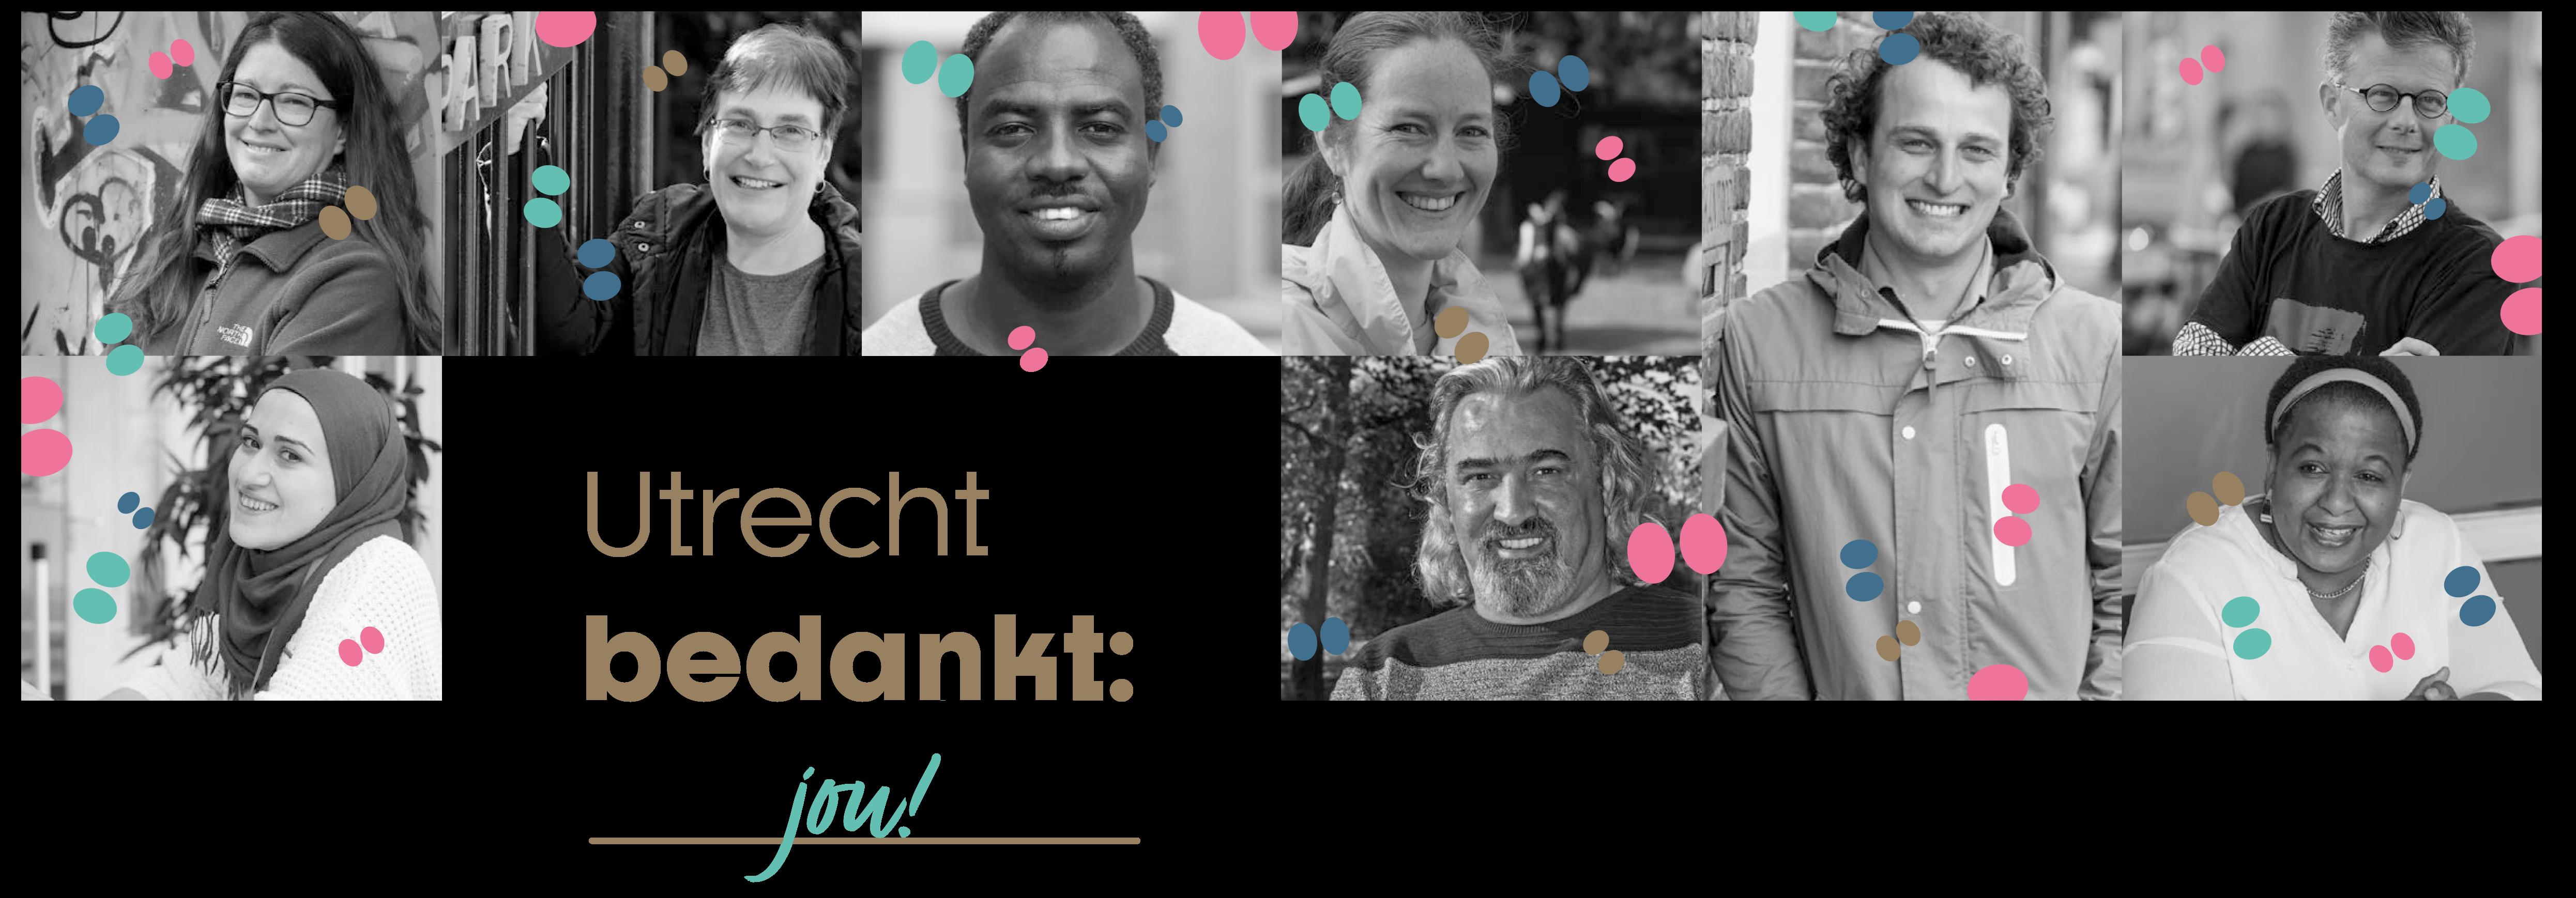 Utrecht Bedankt